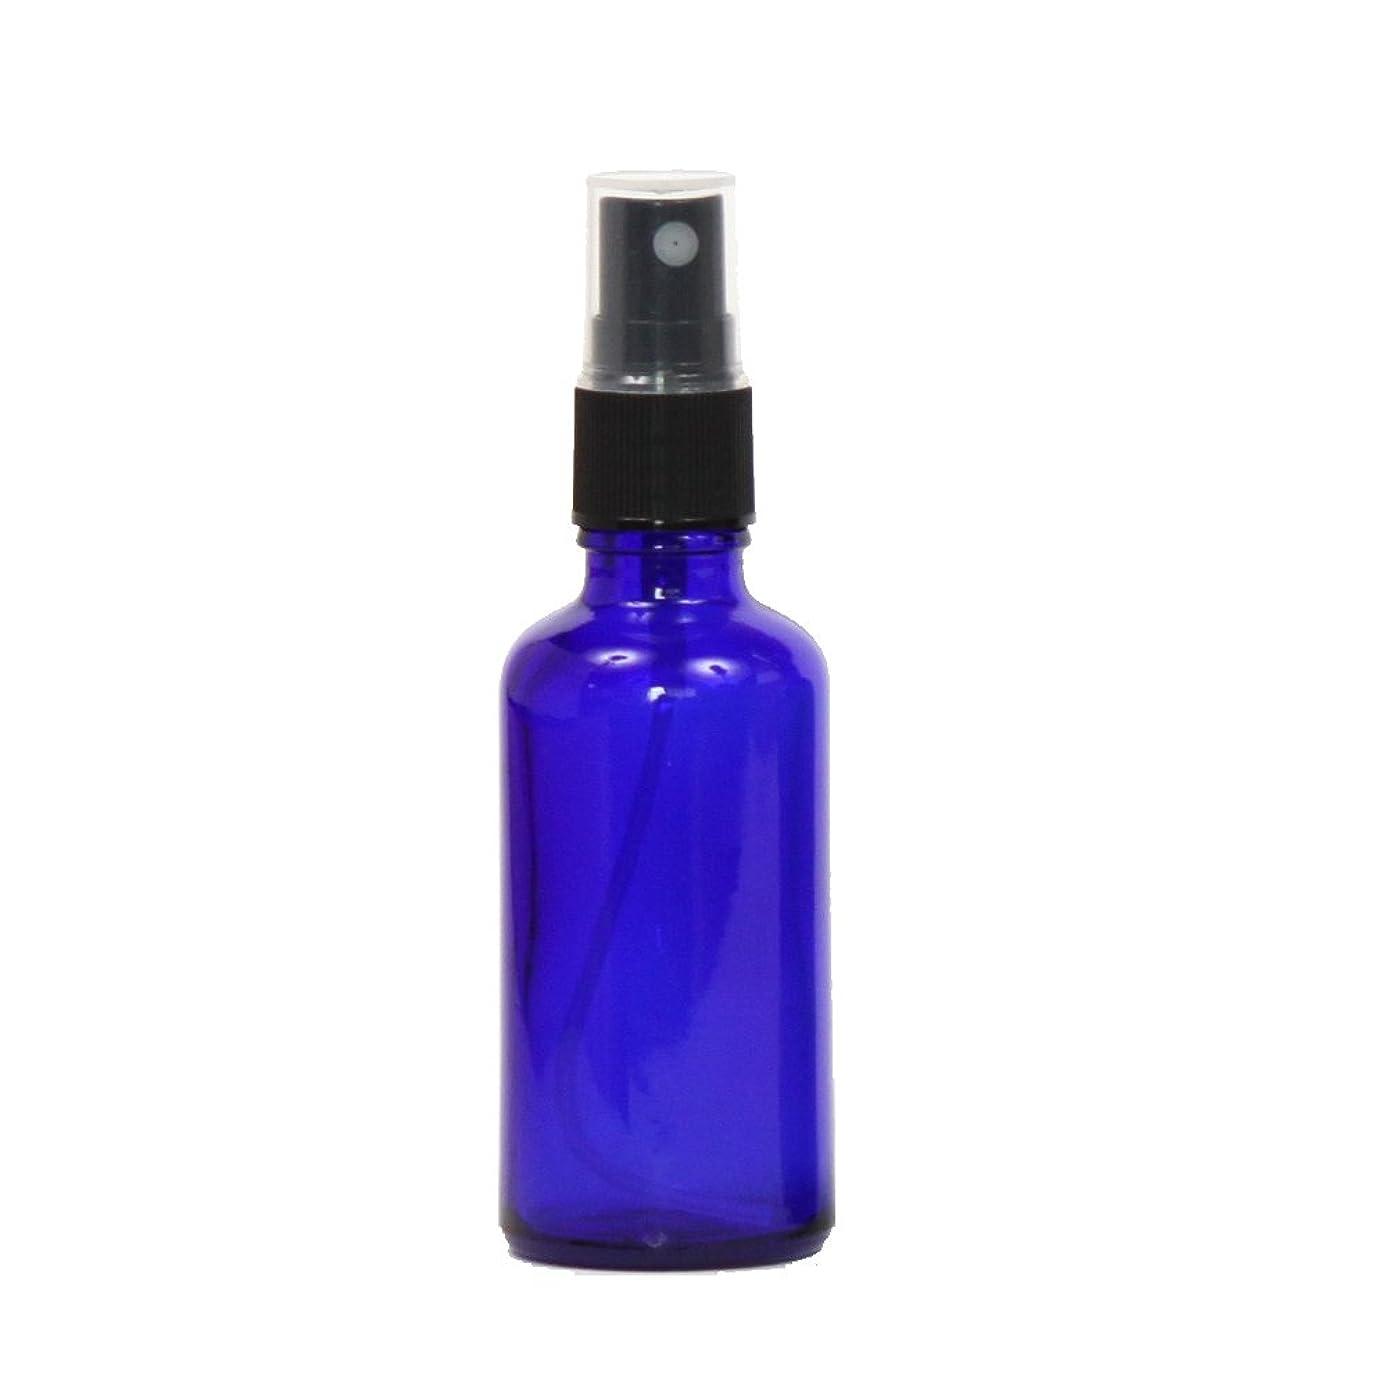 美容師モーション創造スプレー容器 ガラス瓶ボトル 50mL 遮光性ブルー おしゃれガラスアトマイザー 空容器bu50g